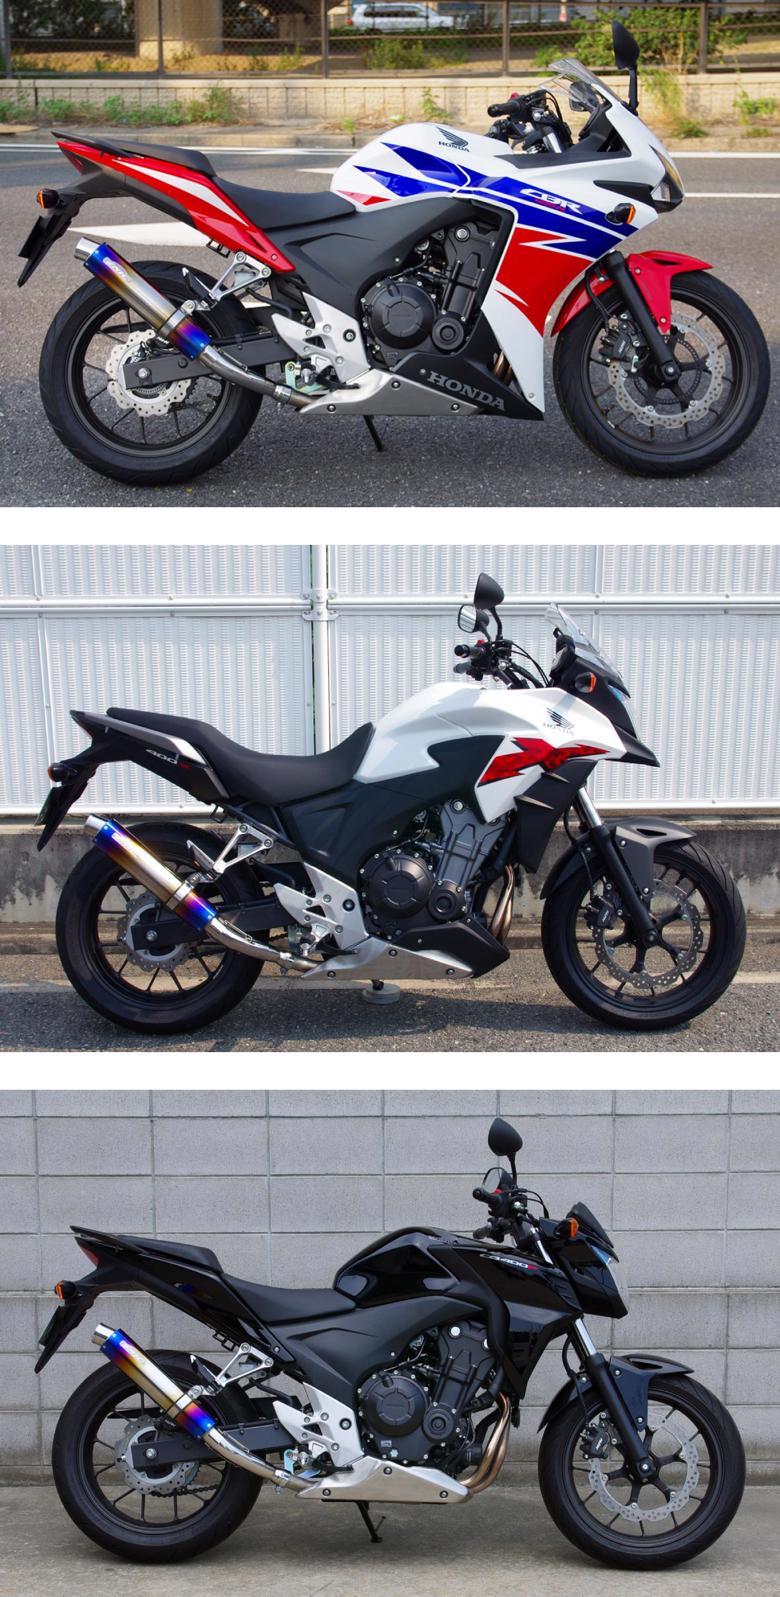 バイク用品 マフラー 4ストフルエキゾーストマフラーサンセイレーシング ステンレスサイレンサーJMCA CBR400R CB400F XSANSEIRACING 0-22-ZSS1420J 取寄品 セール